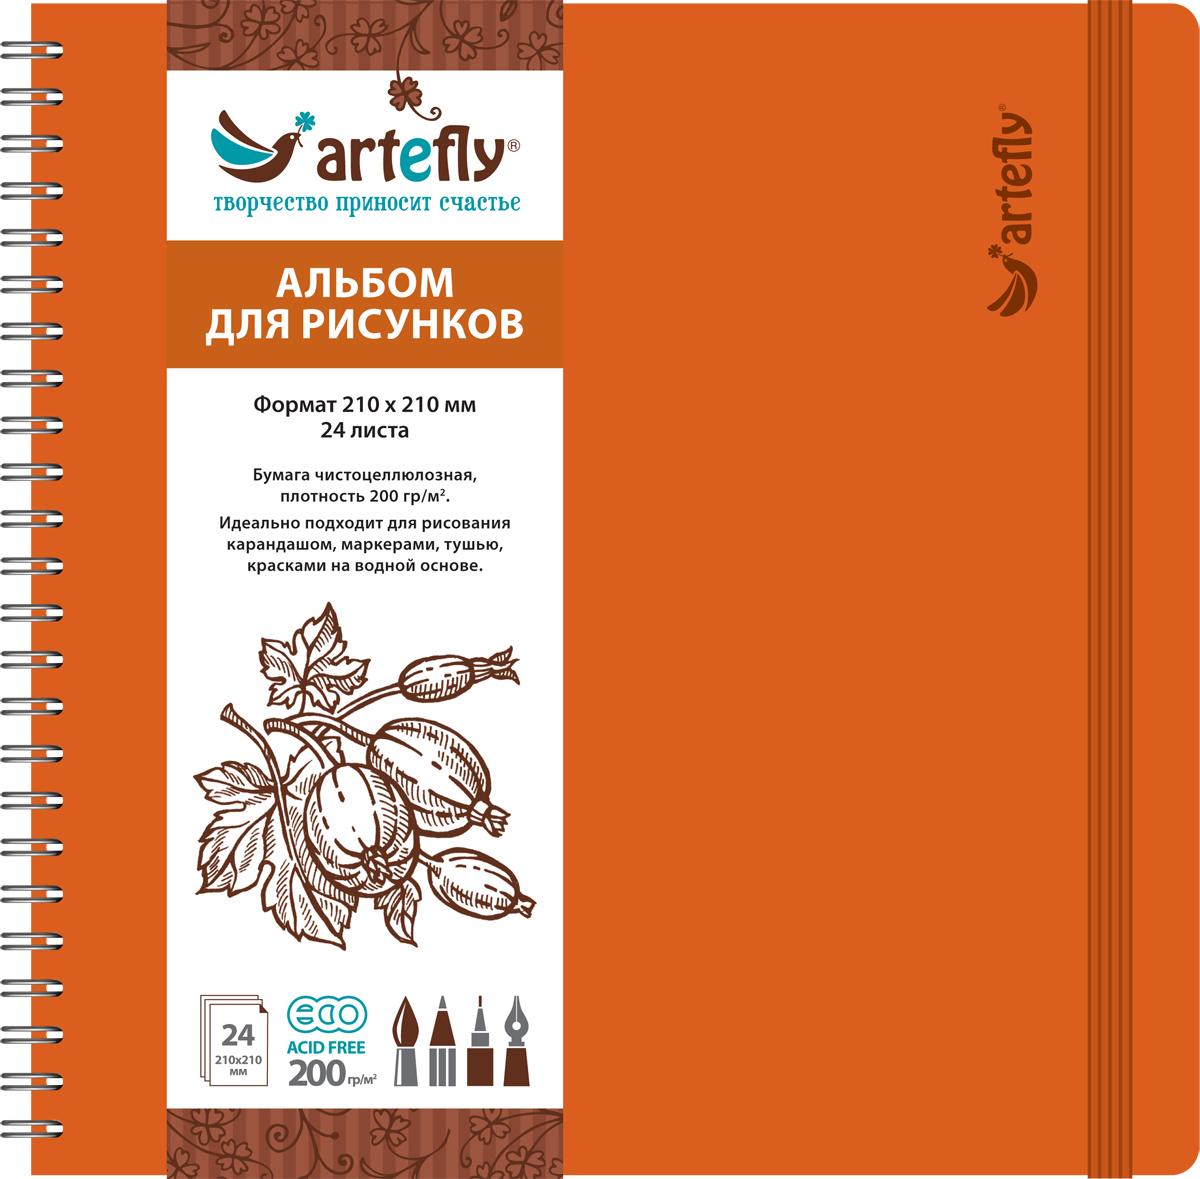 Artefly Альбом для рисования 24 листа цвет оранжевый AFNB-225572523WDАльбом идеально подходит для рисования в нем карандашом, маркерами, тушью, красками на водной основе. Удобная эластичная застежка защитит Вашу записную книжку. Переплет на спирали делает альбом еще более удобным и позволяет с легкостью переворачивать страницы.